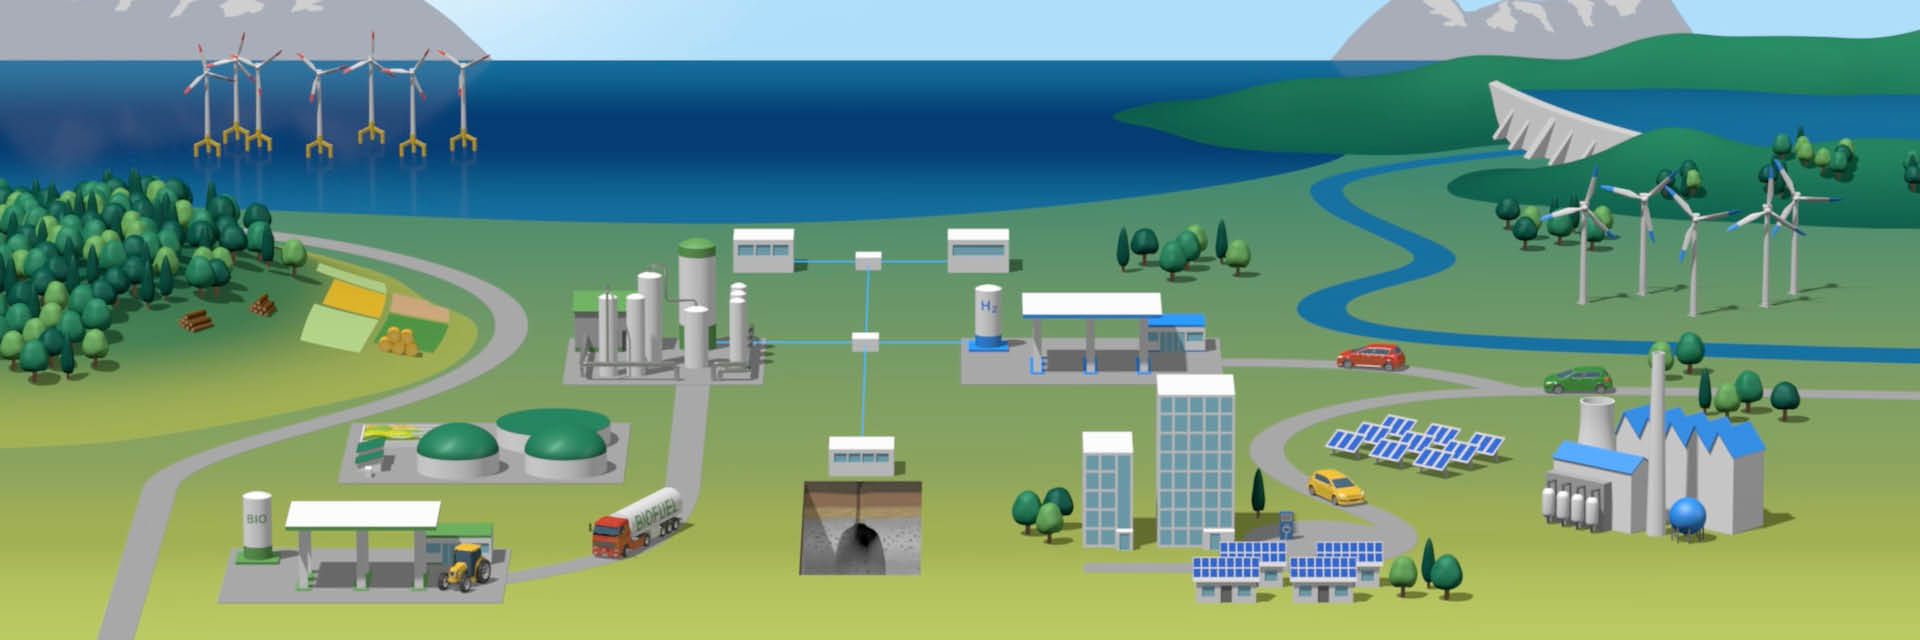 Projekt: Forschungszentrum Juelich Messefilm Energiesystem 2050